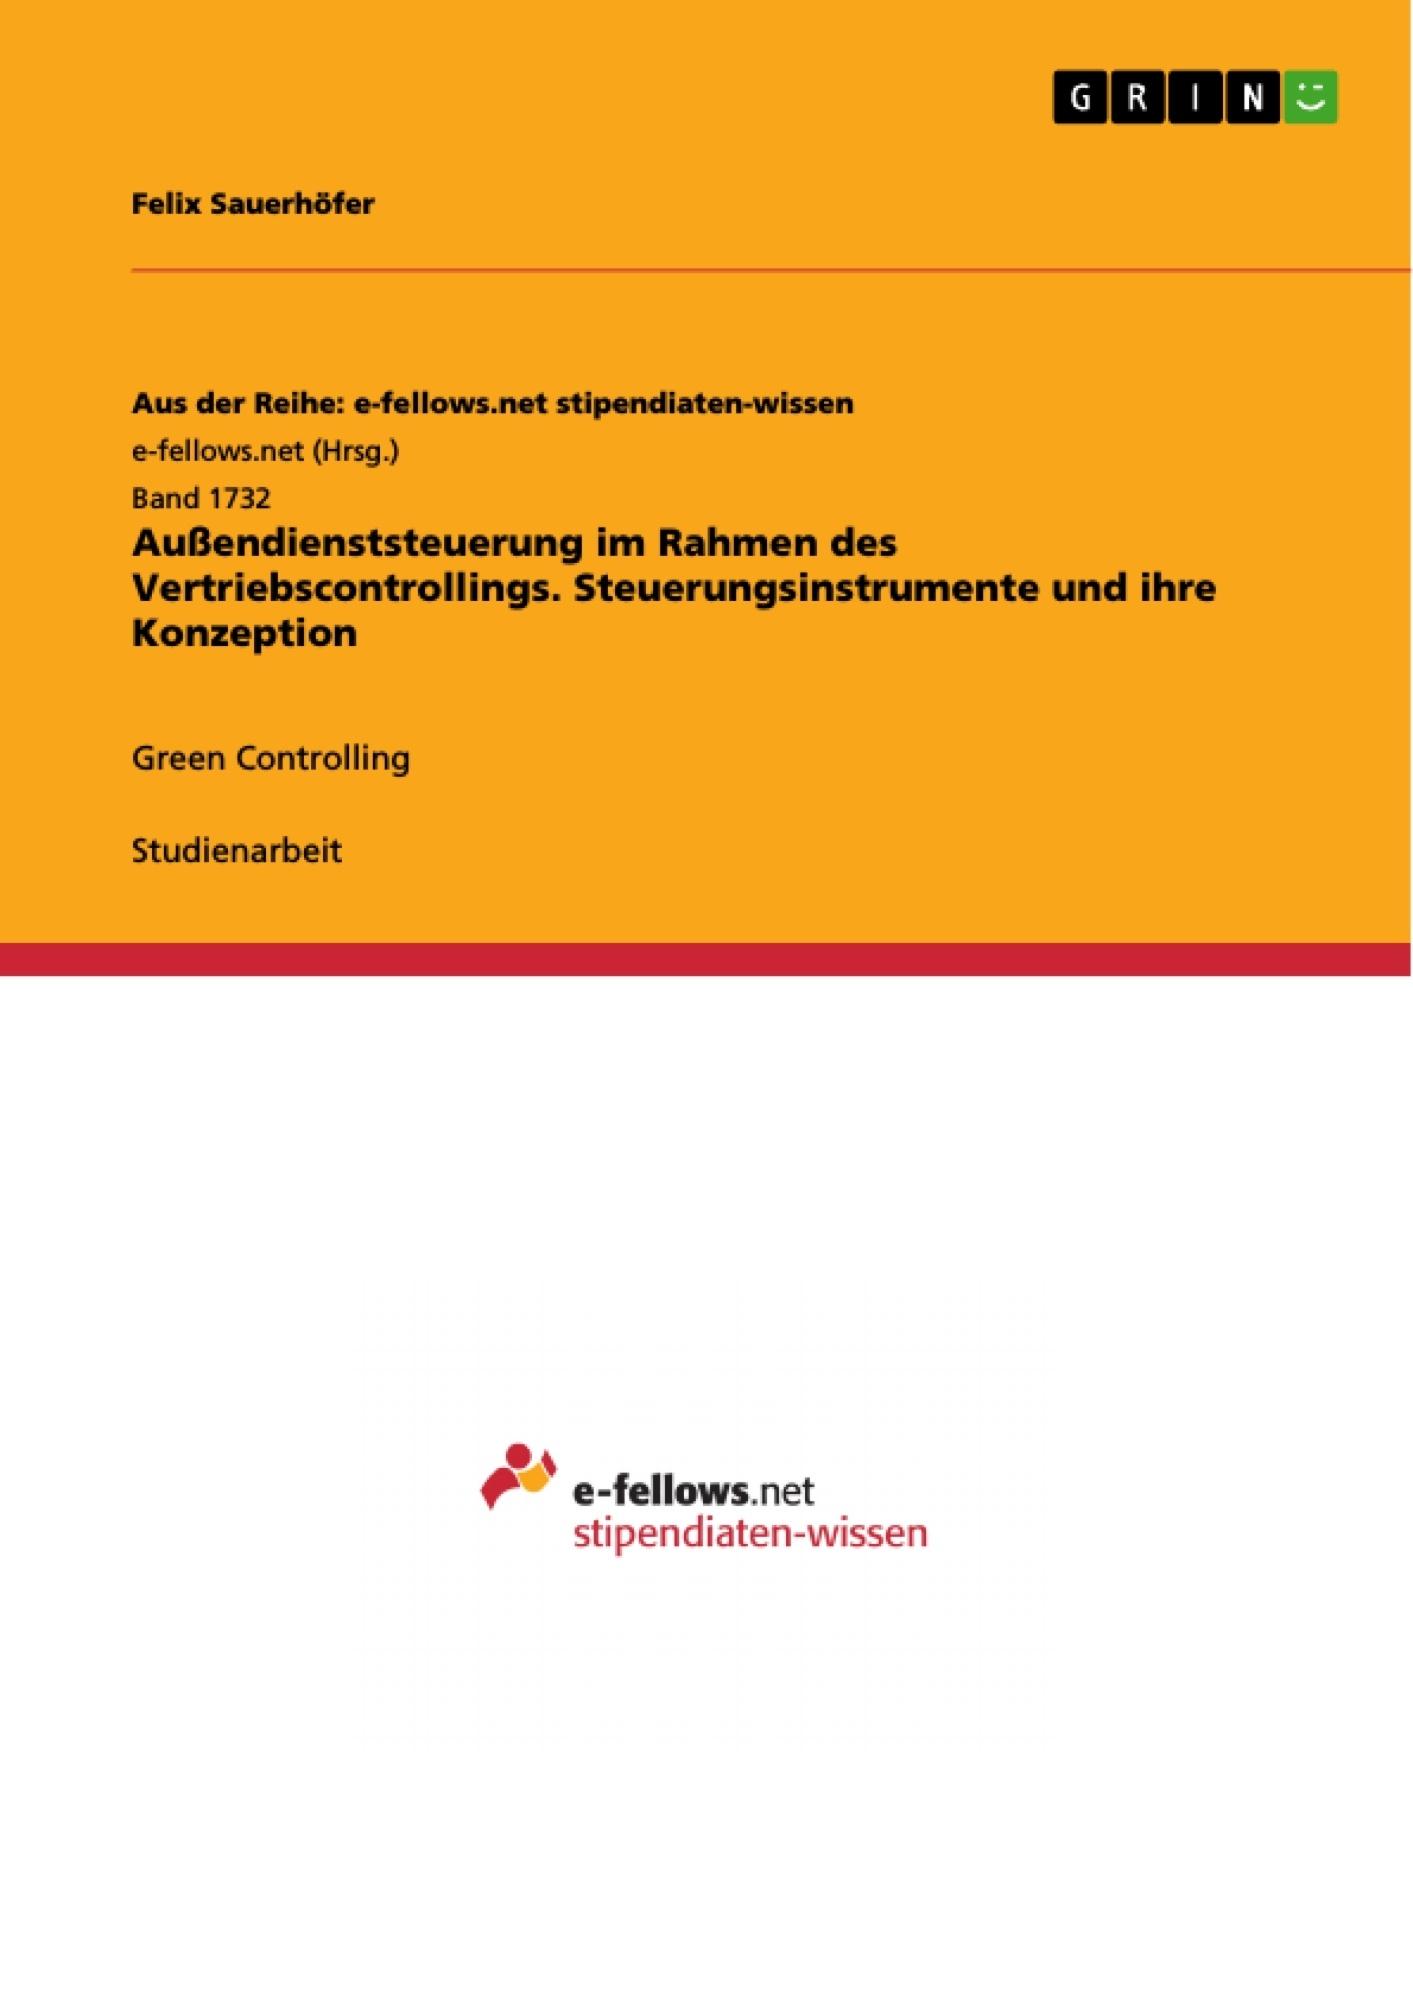 Titel: Außendienststeuerung im Rahmen des Vertriebscontrollings. Steuerungsinstrumente und ihre Konzeption